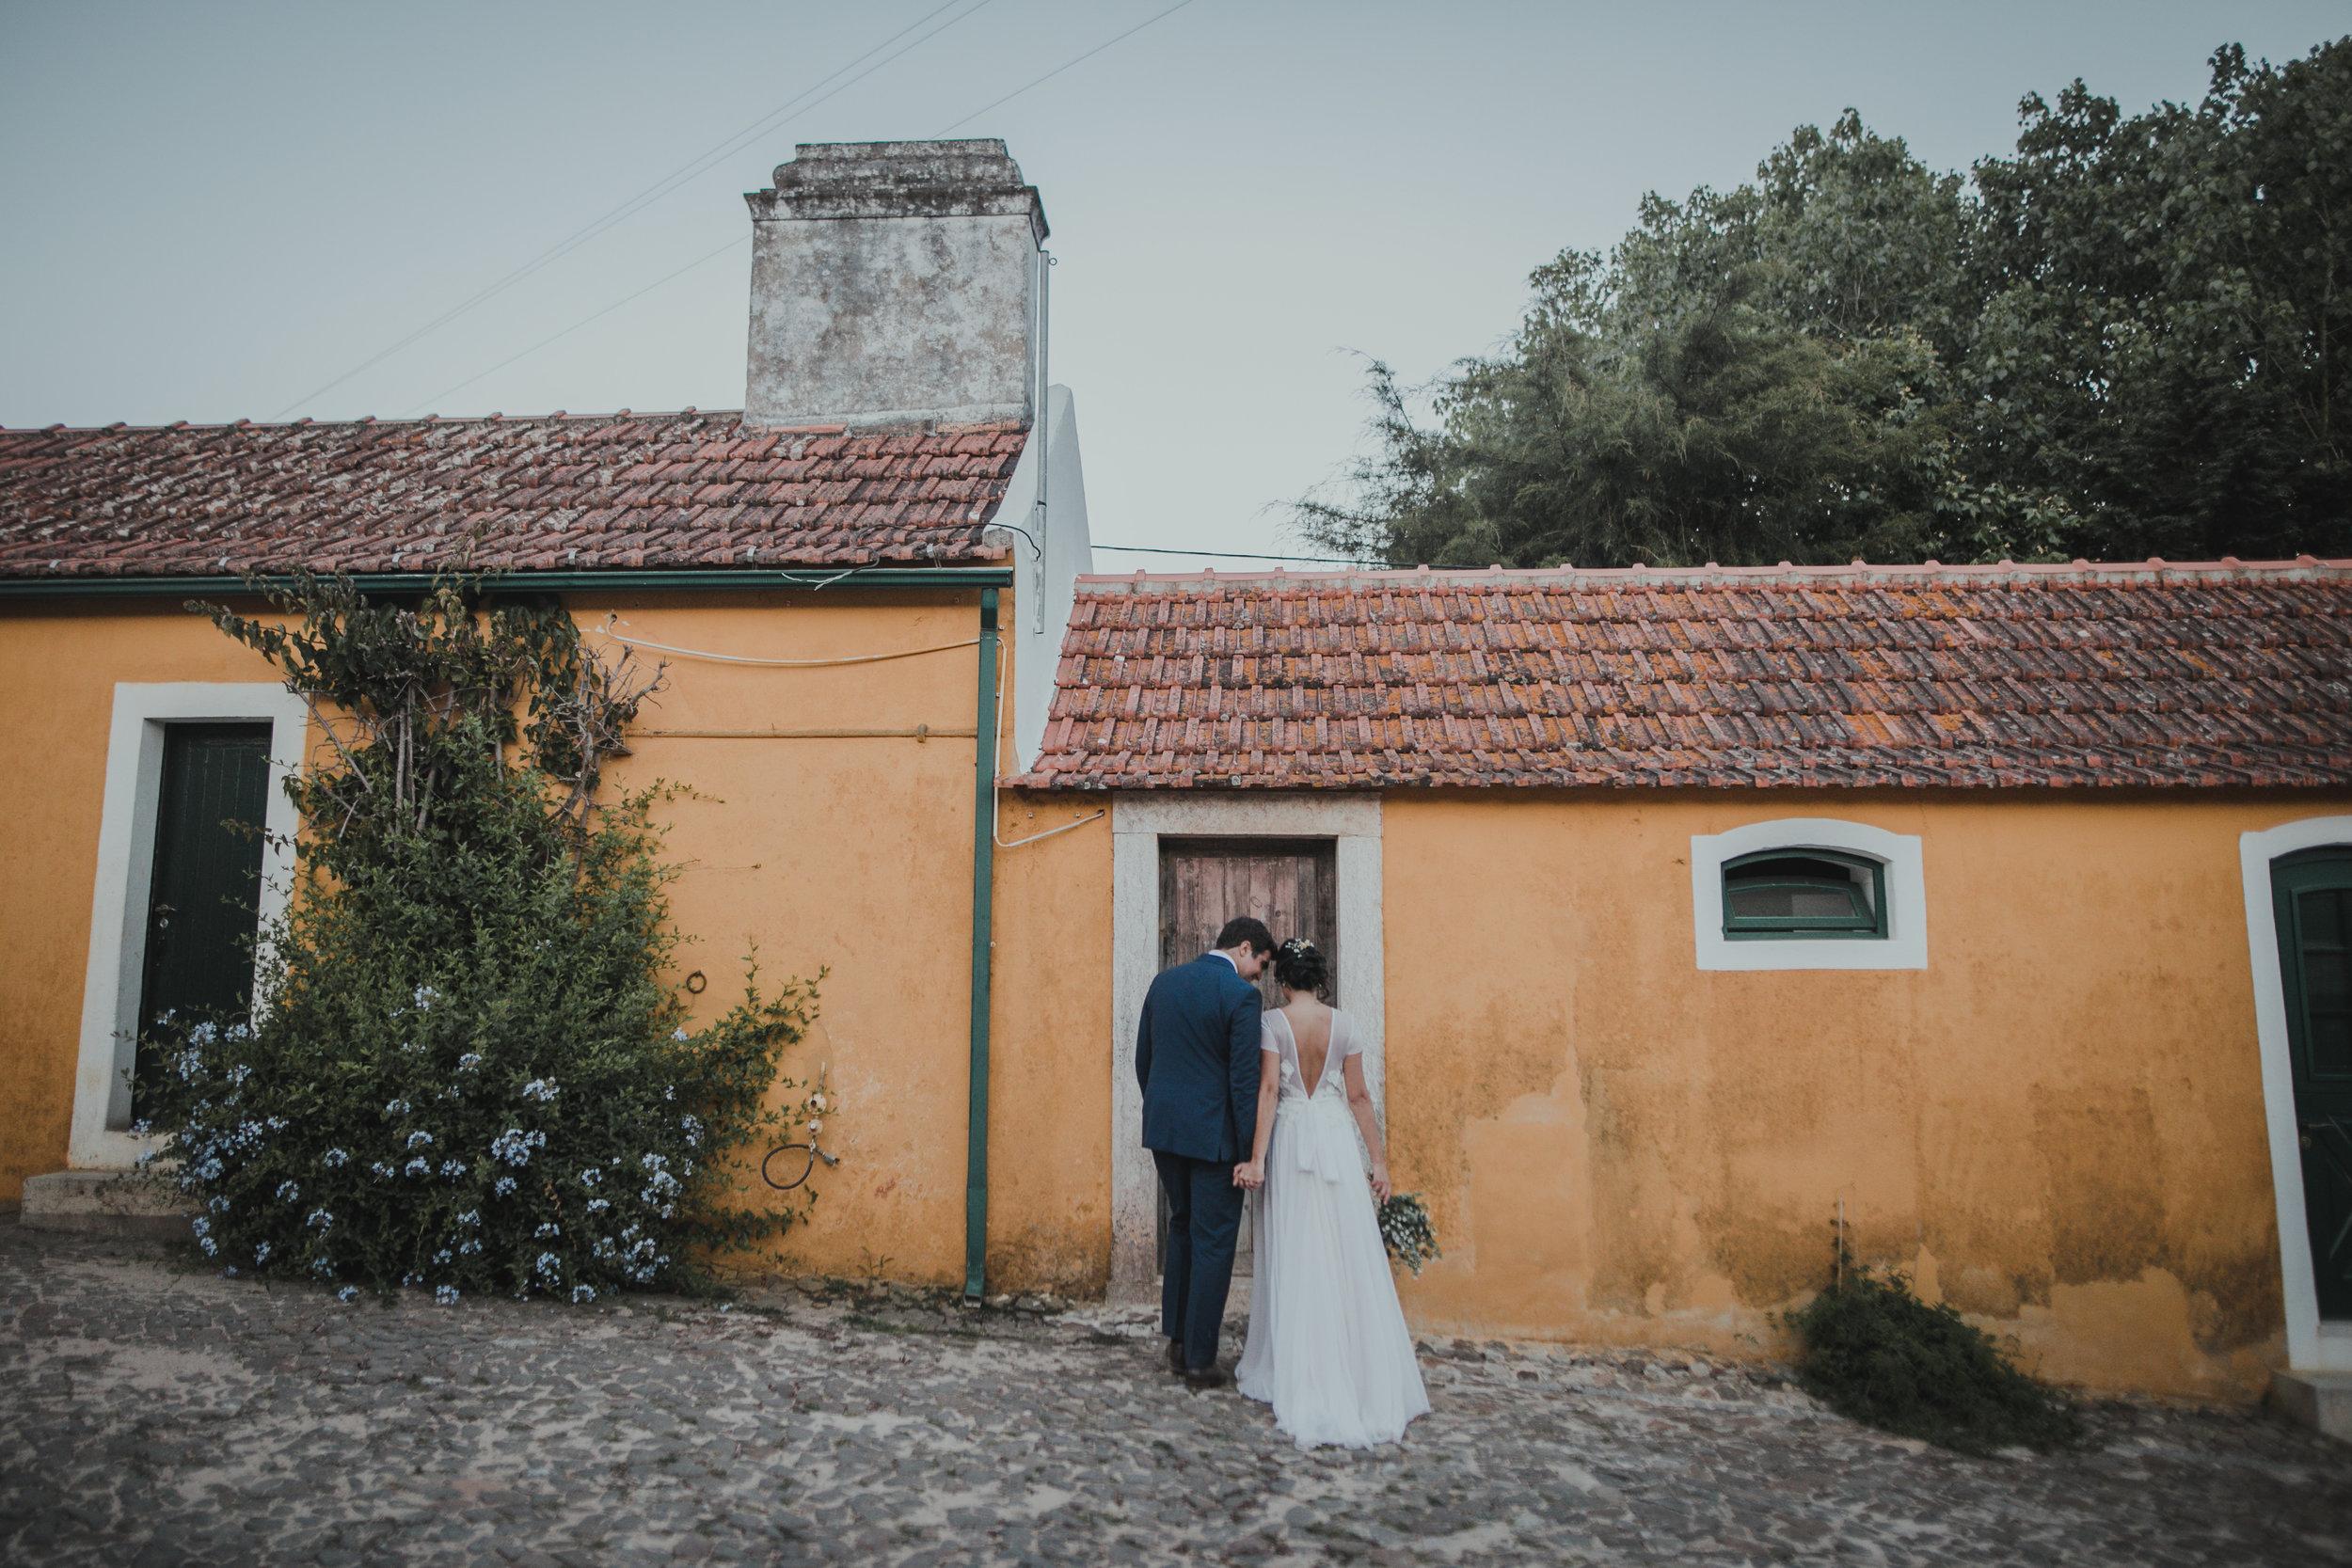 Fotografo de bodas españa serafin castillo wedding photographer spain 950.jpg